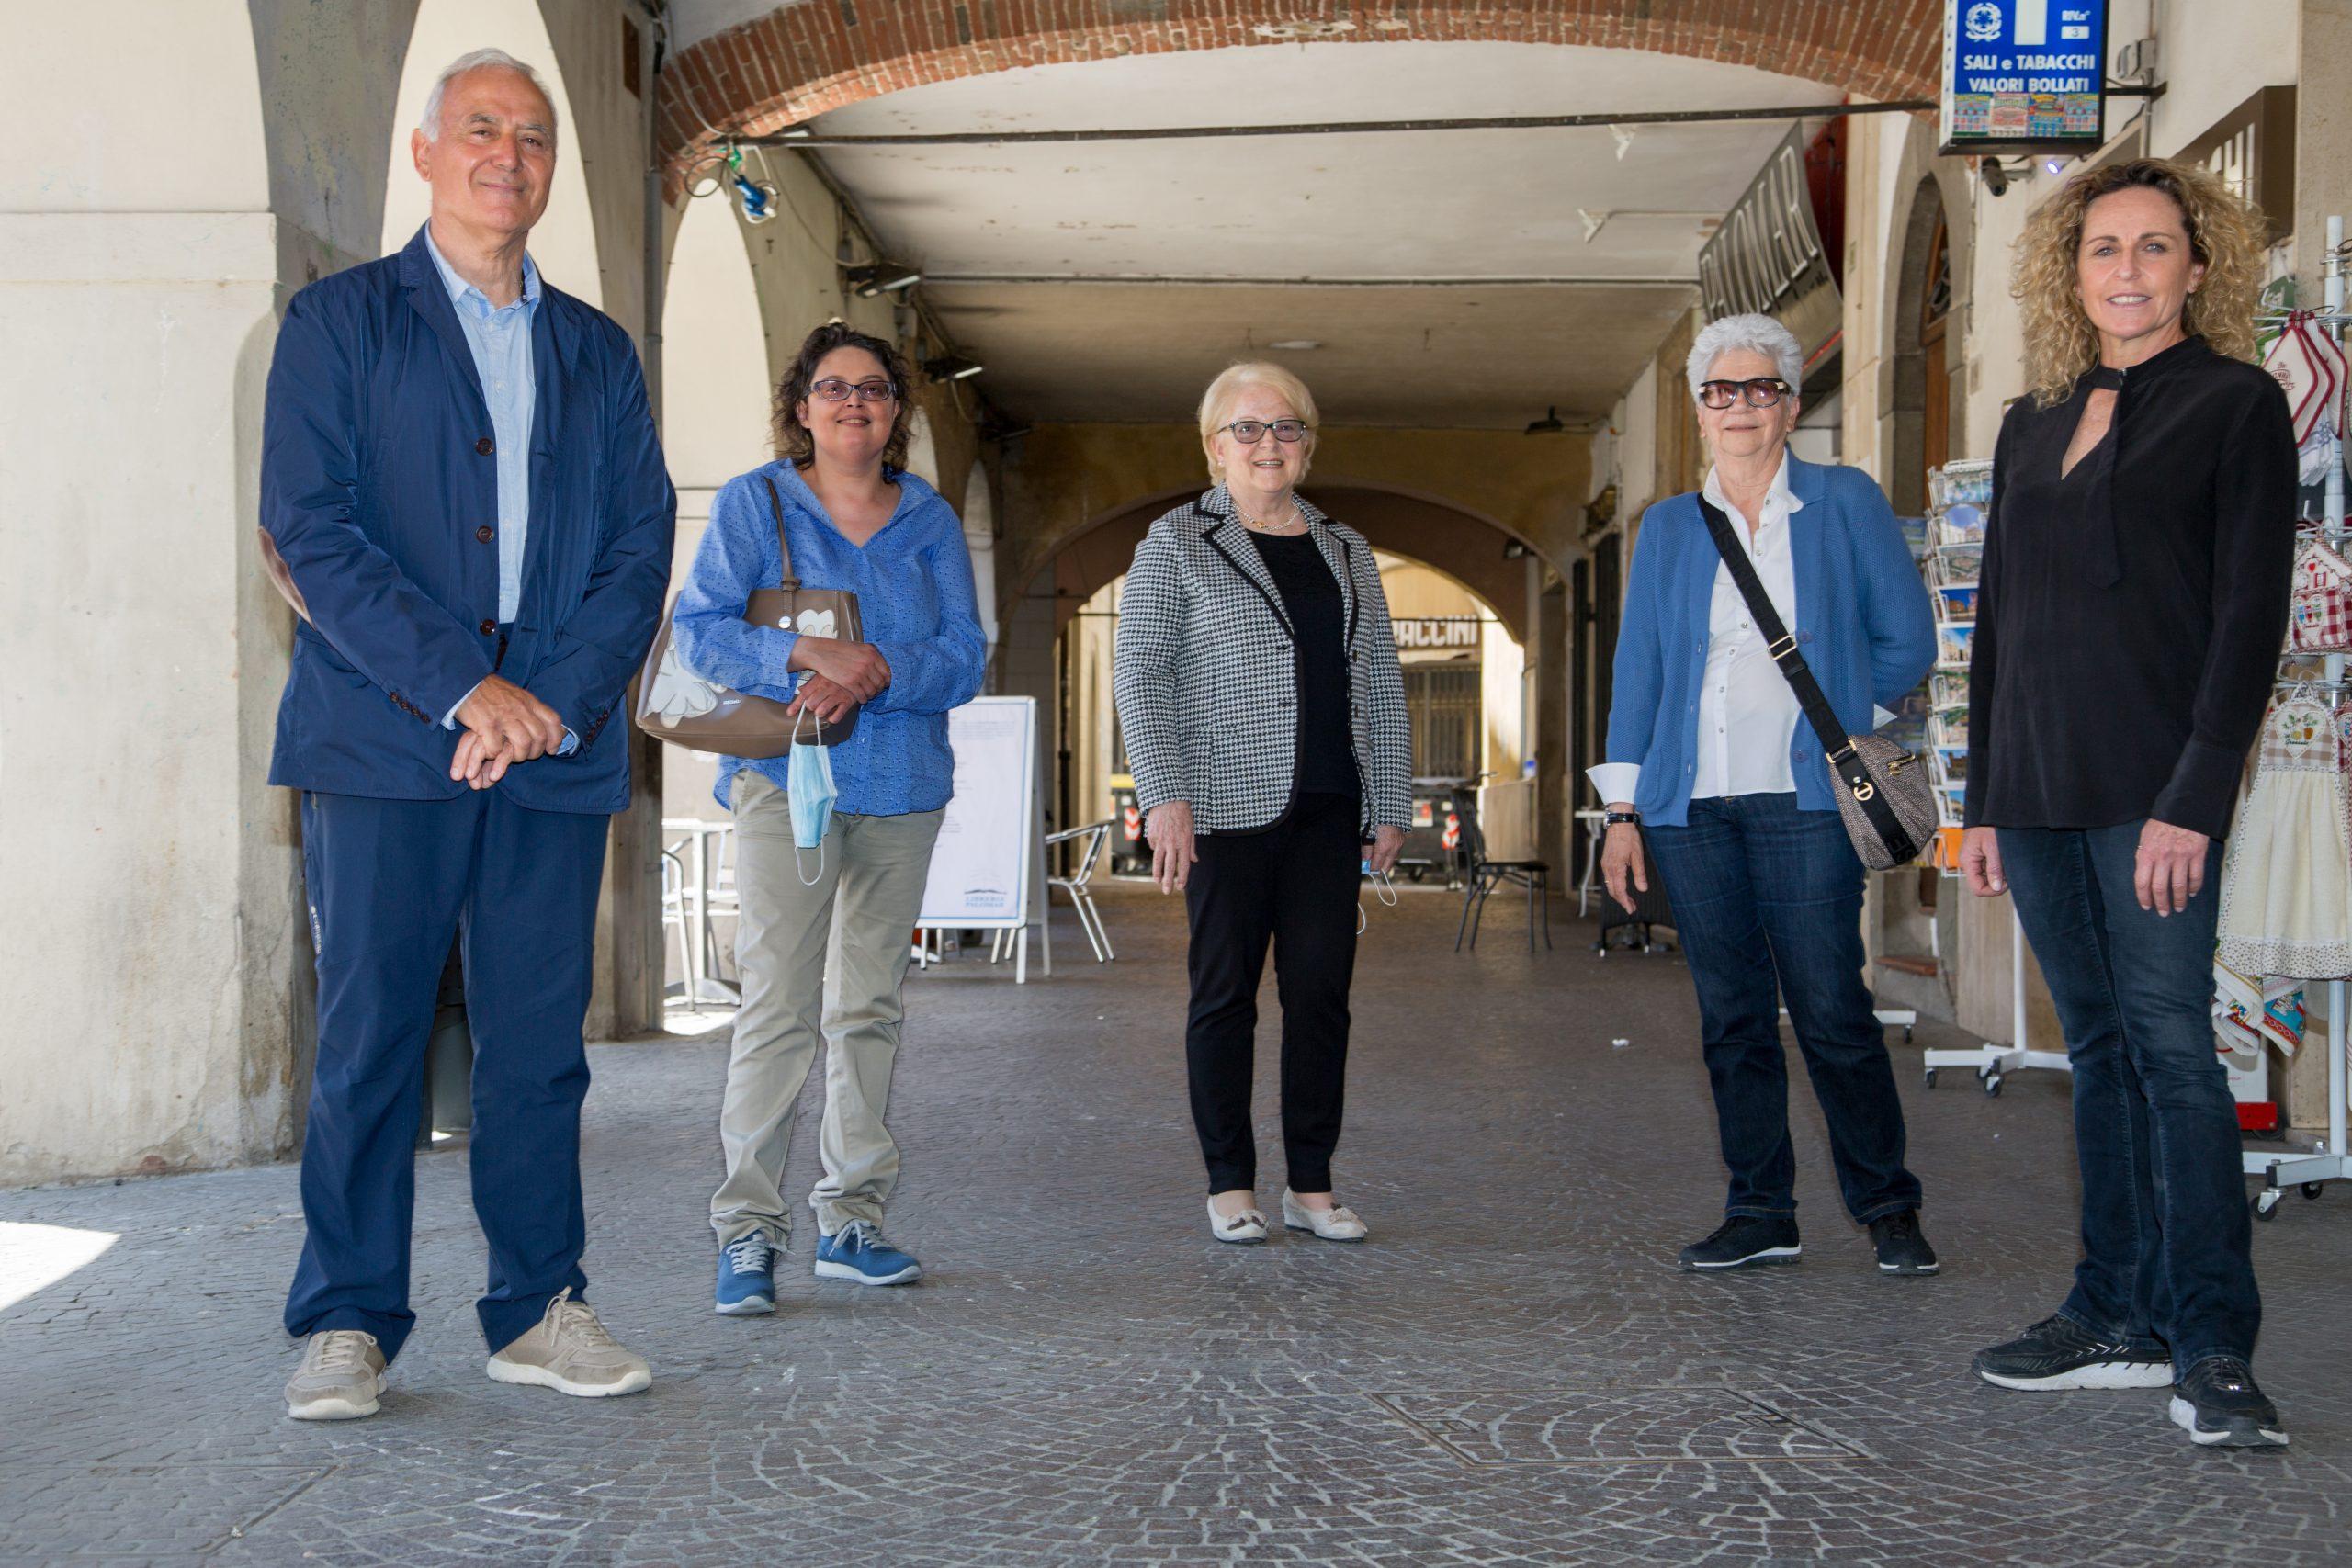 comitato-per-la-vita-da-sinistra-Oreste-Menchetti-presidente-Maria-Astorino-Mara-Stefani-Patrizia-Betti-del-Consiglio-direttivo-Alessandra-Sensini-testimonial-del-Comitato-per-la-Vita